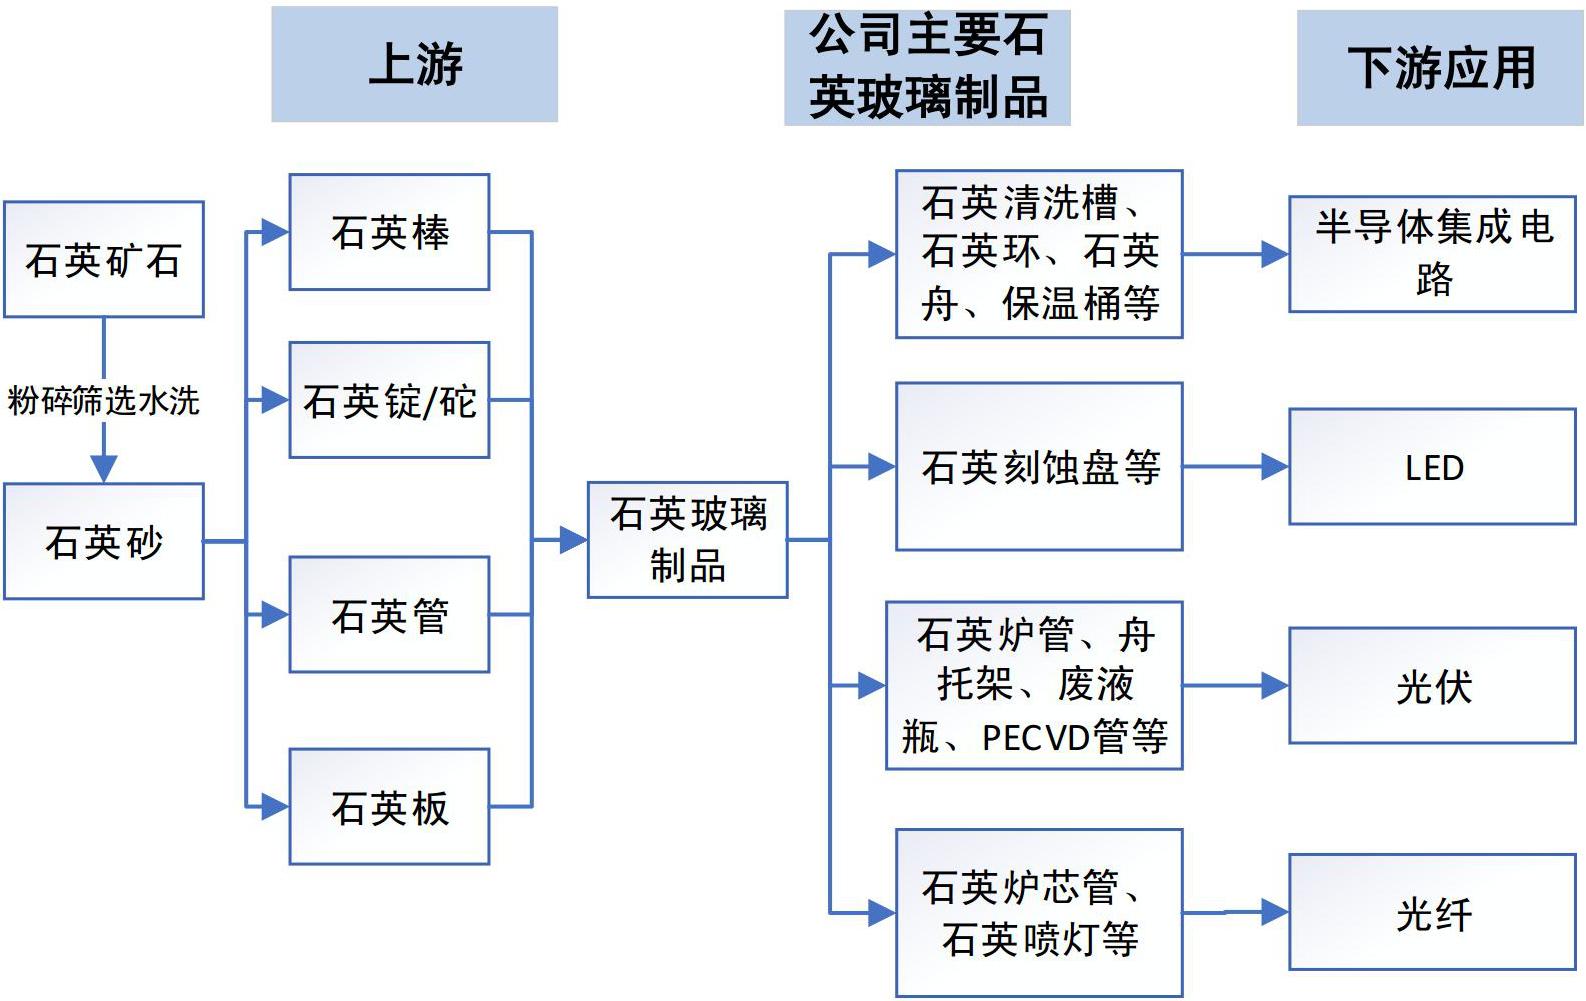 上海强华实业股份有限公司